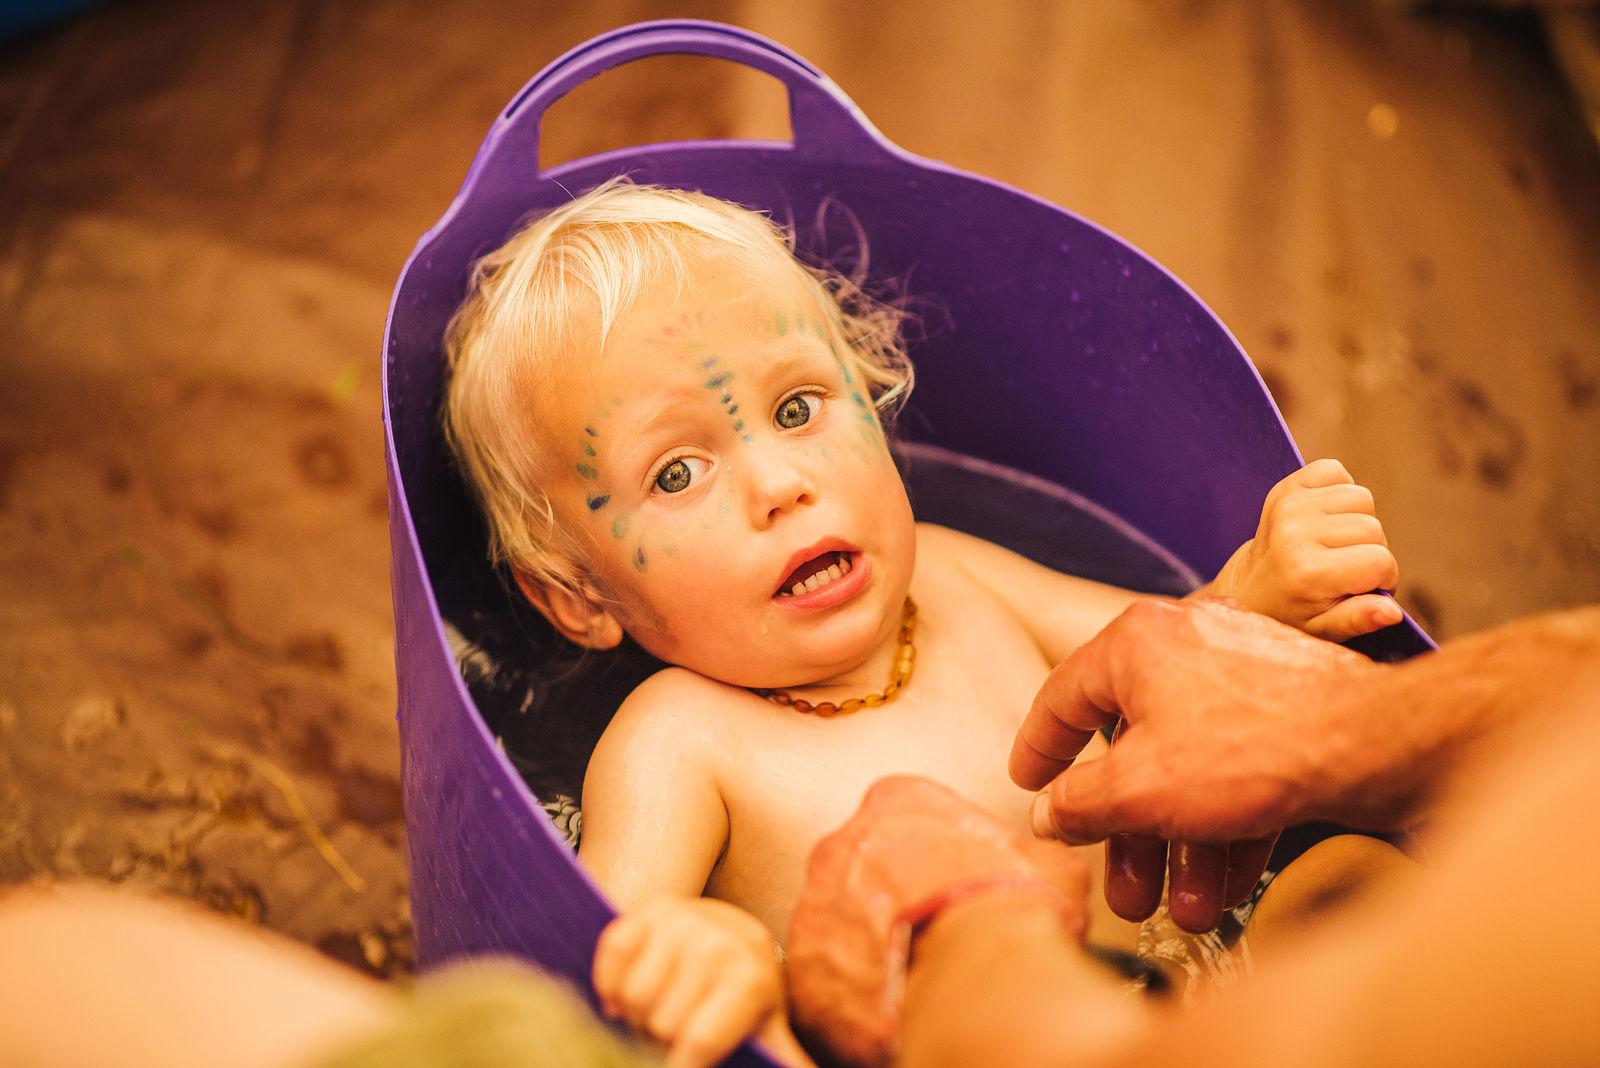 Rub A Dub Baby Tubs